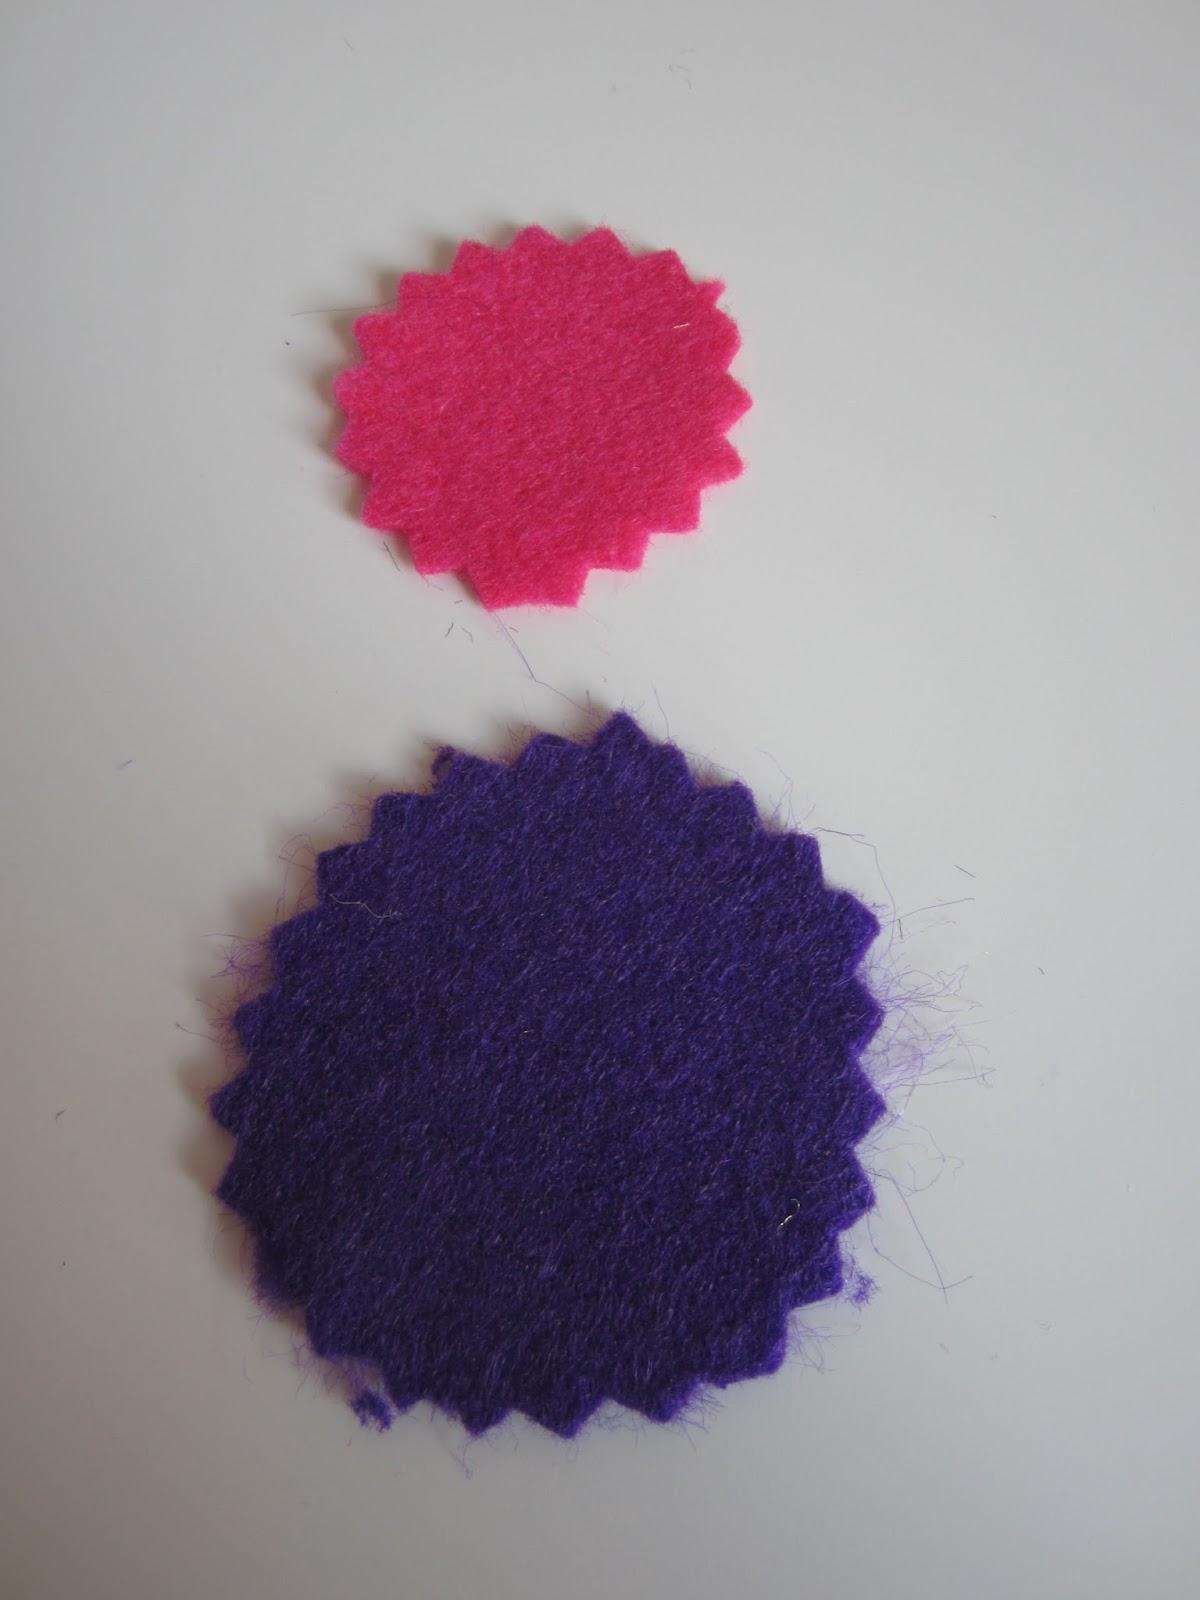 mis nancys, mis peques y yo, tutorial facil DIY tul y tela circulos fieltro